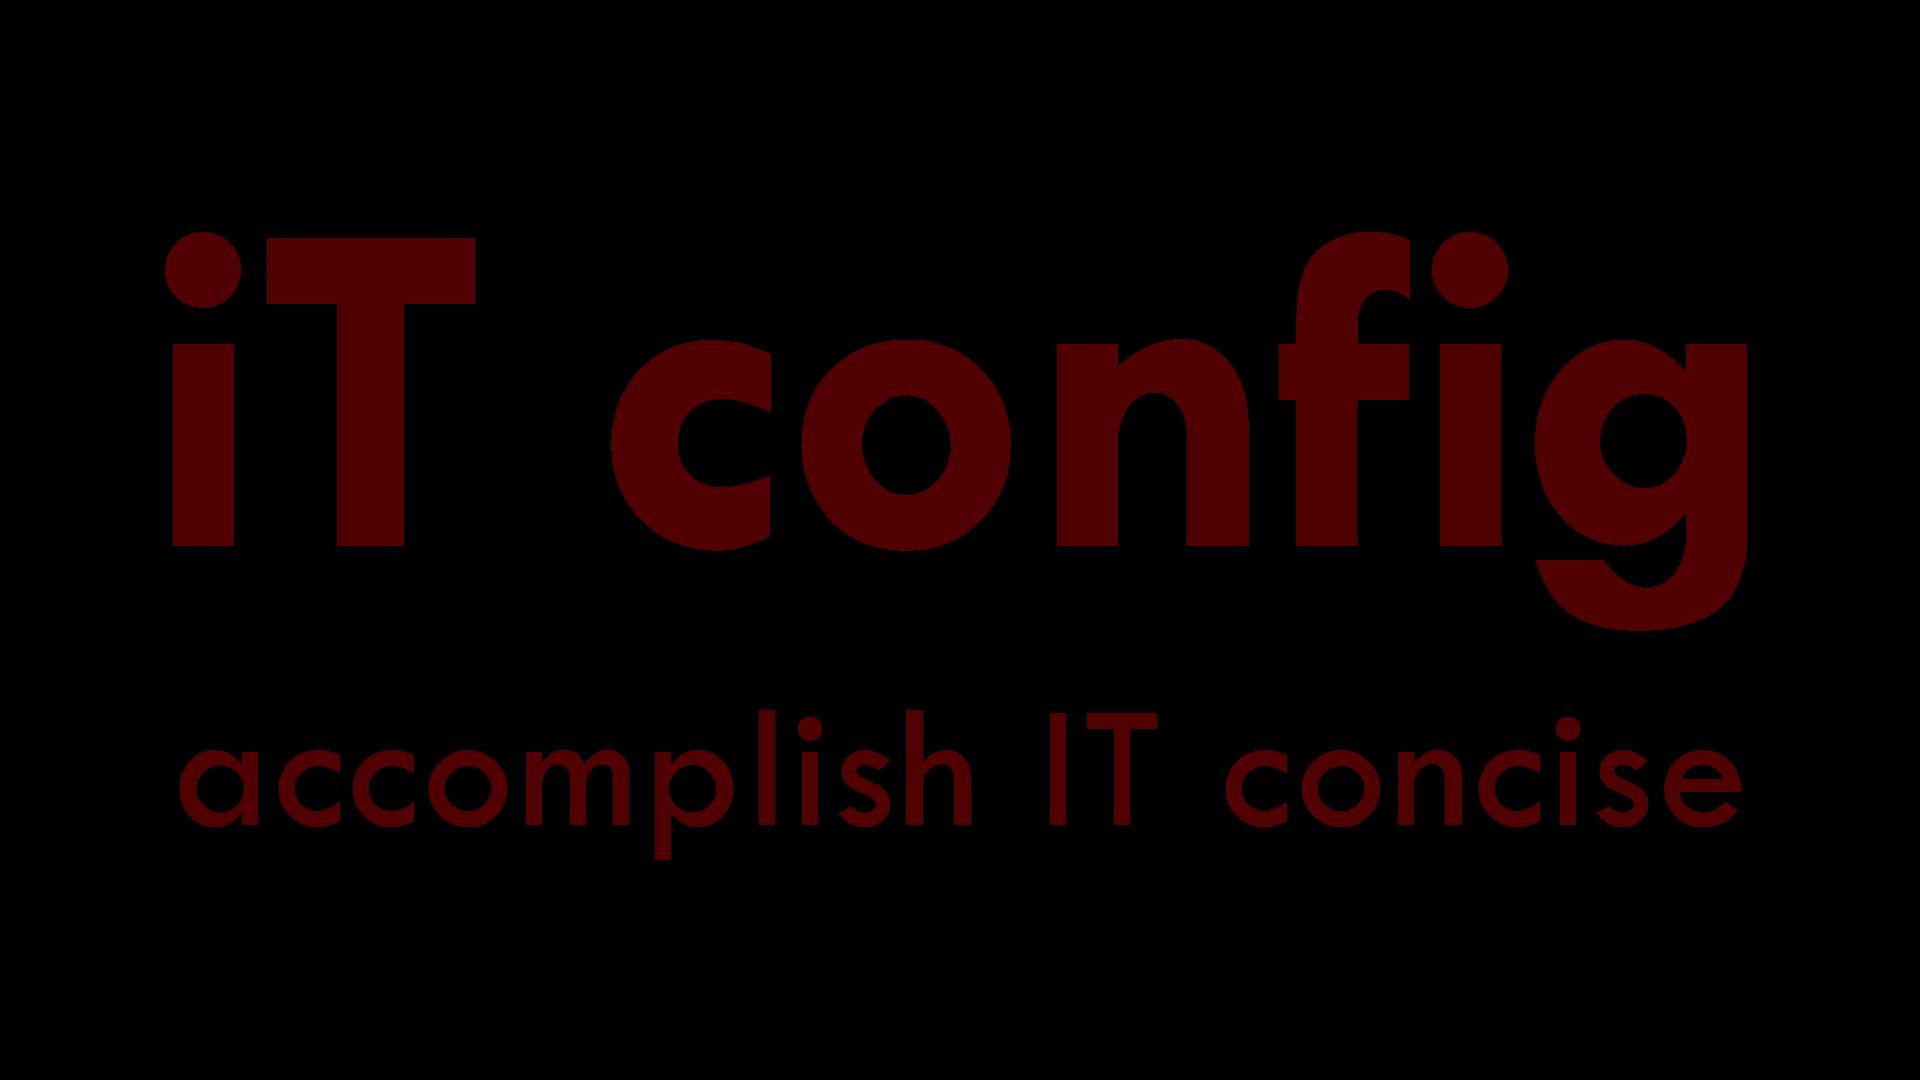 iT config